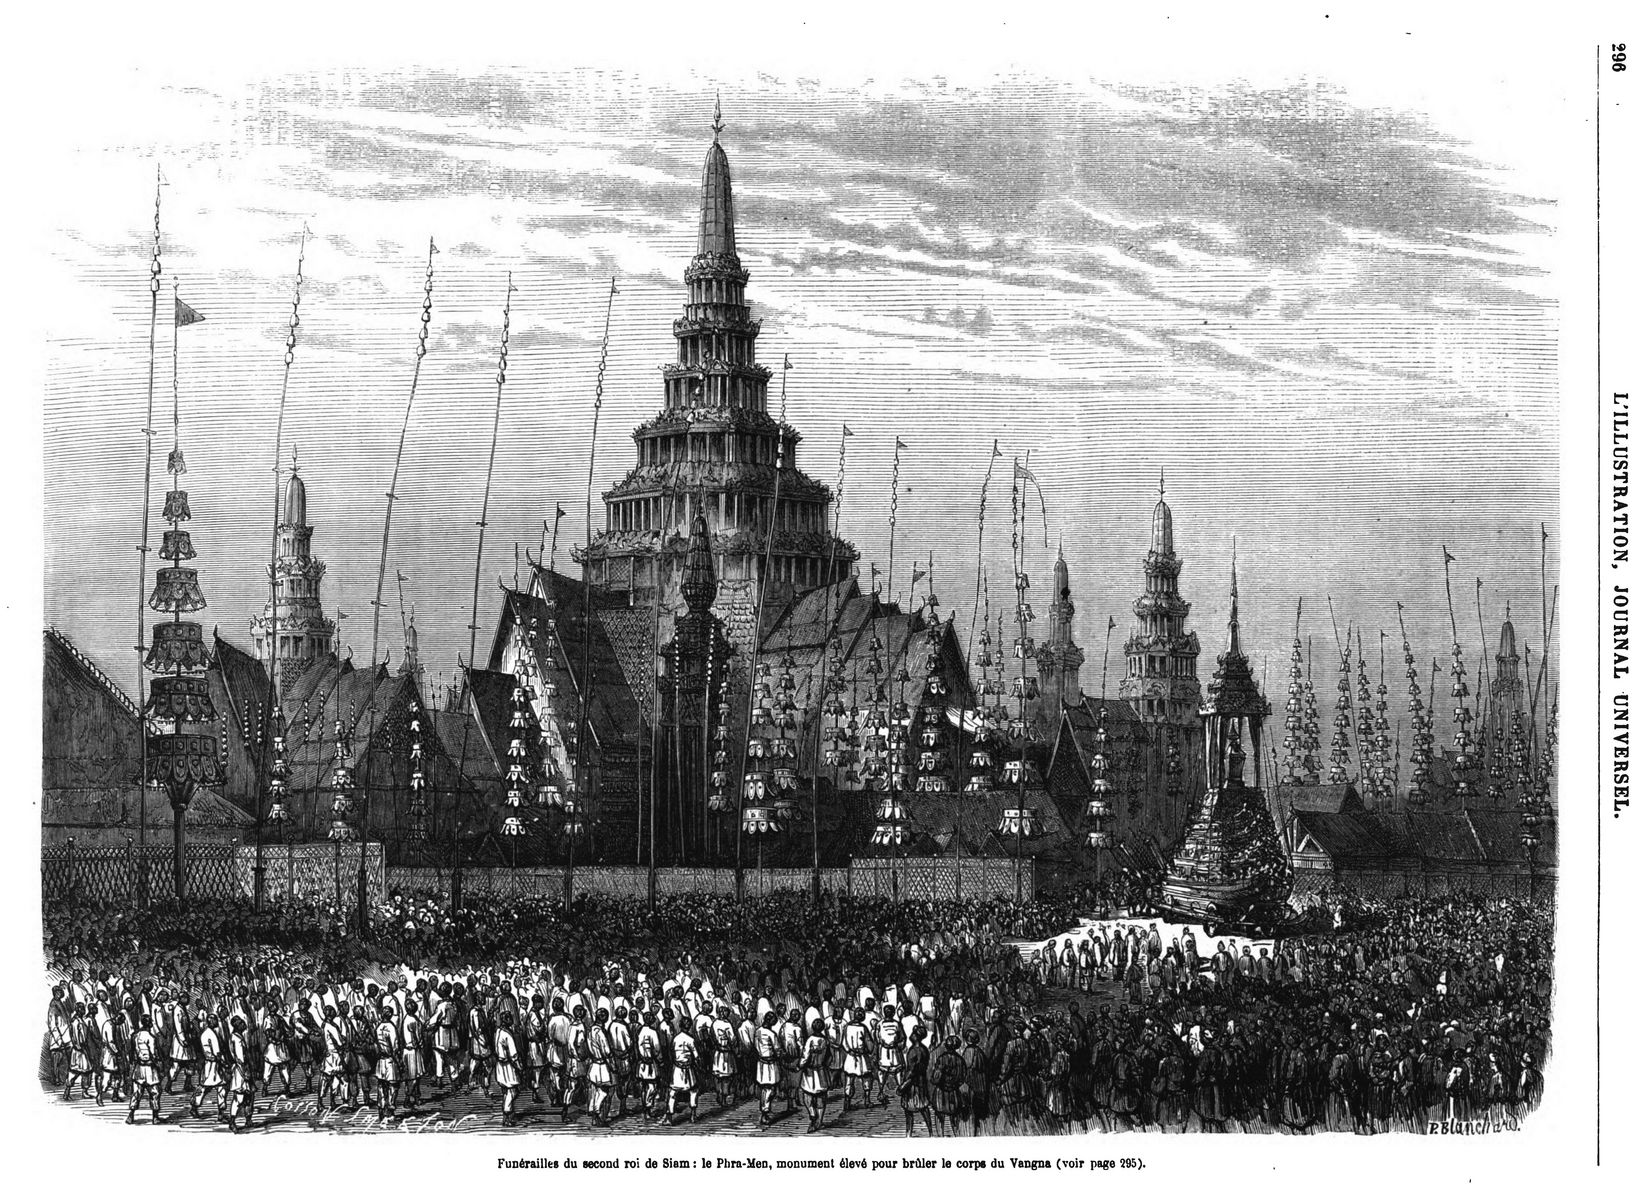 Funérailles du second roi de Siam